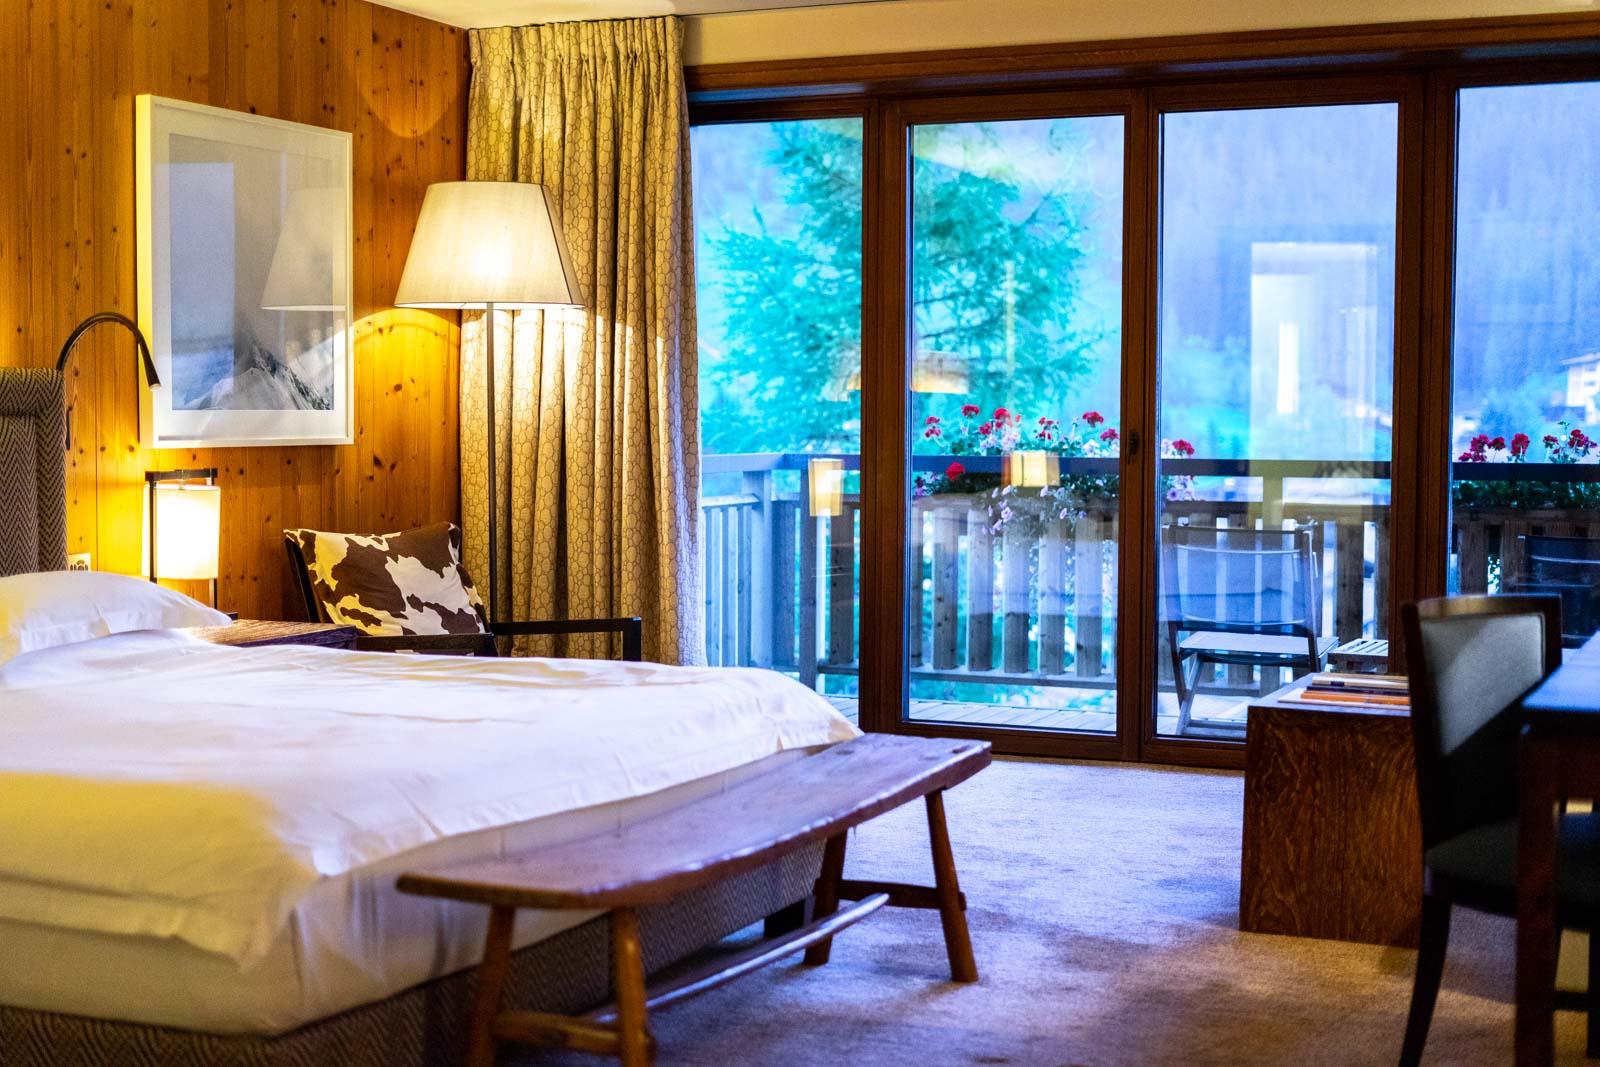 Hotel Aurelio, Lech, Austria